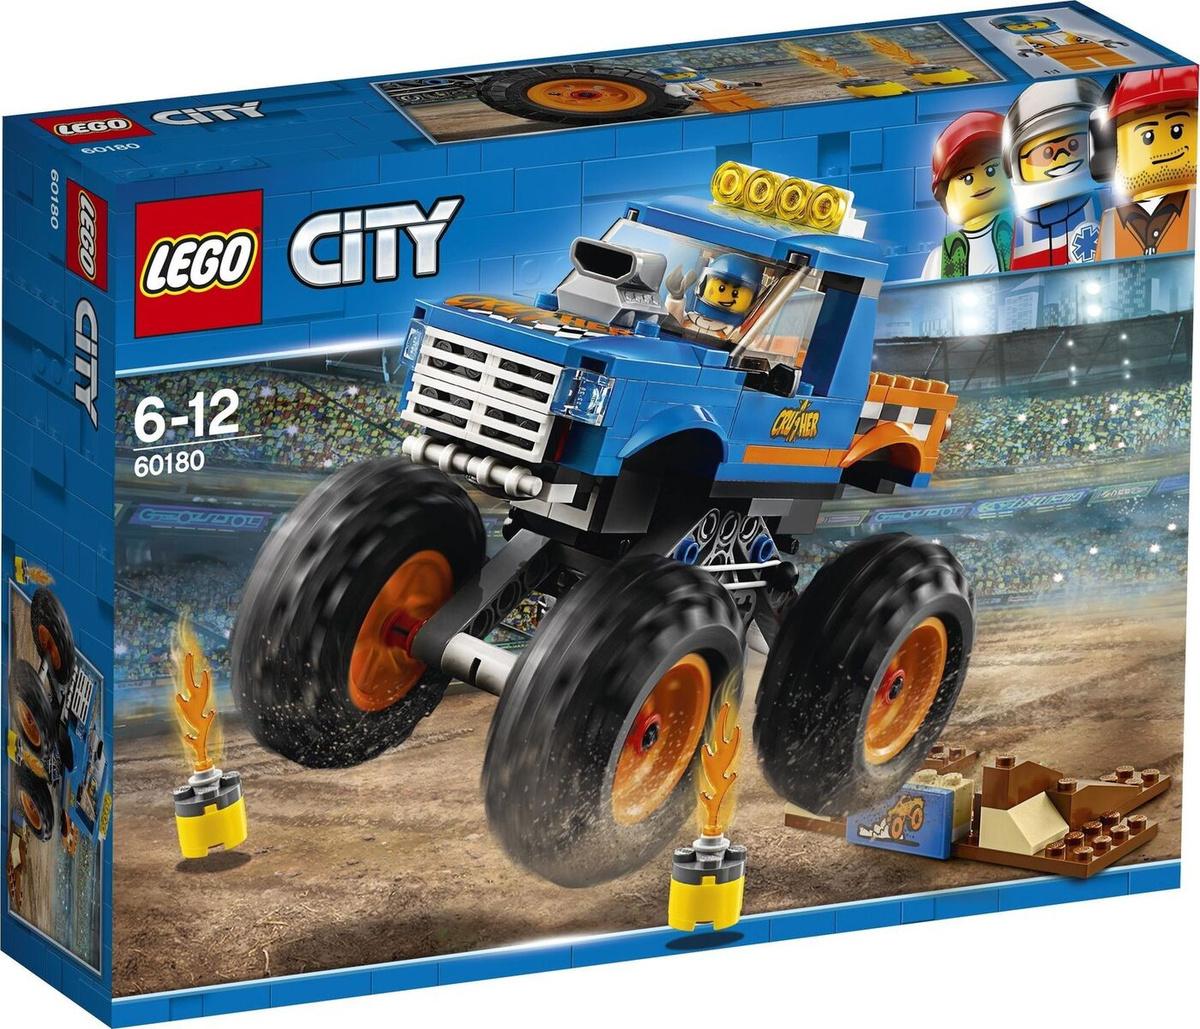 Конструктор LEGO City 60180 Монстр-трак #1